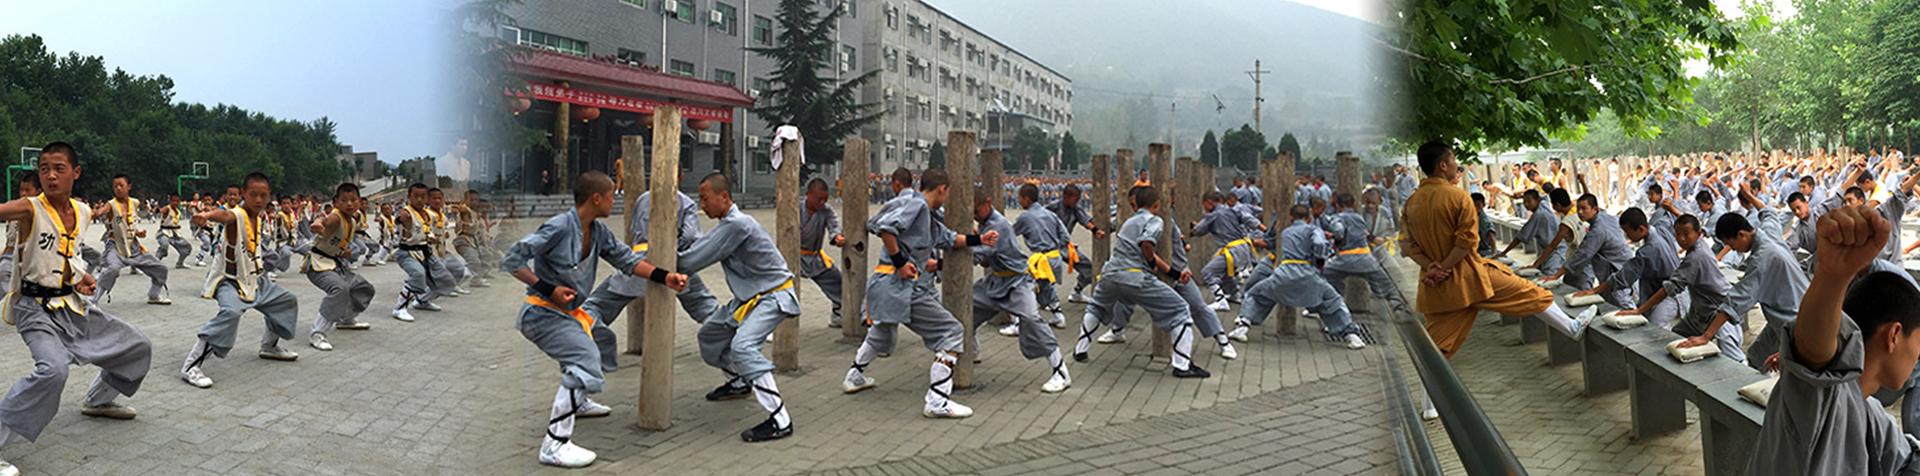 嵩山少林寺内文武学校多年来向全国各地输送教练员,保安,保镖,武警